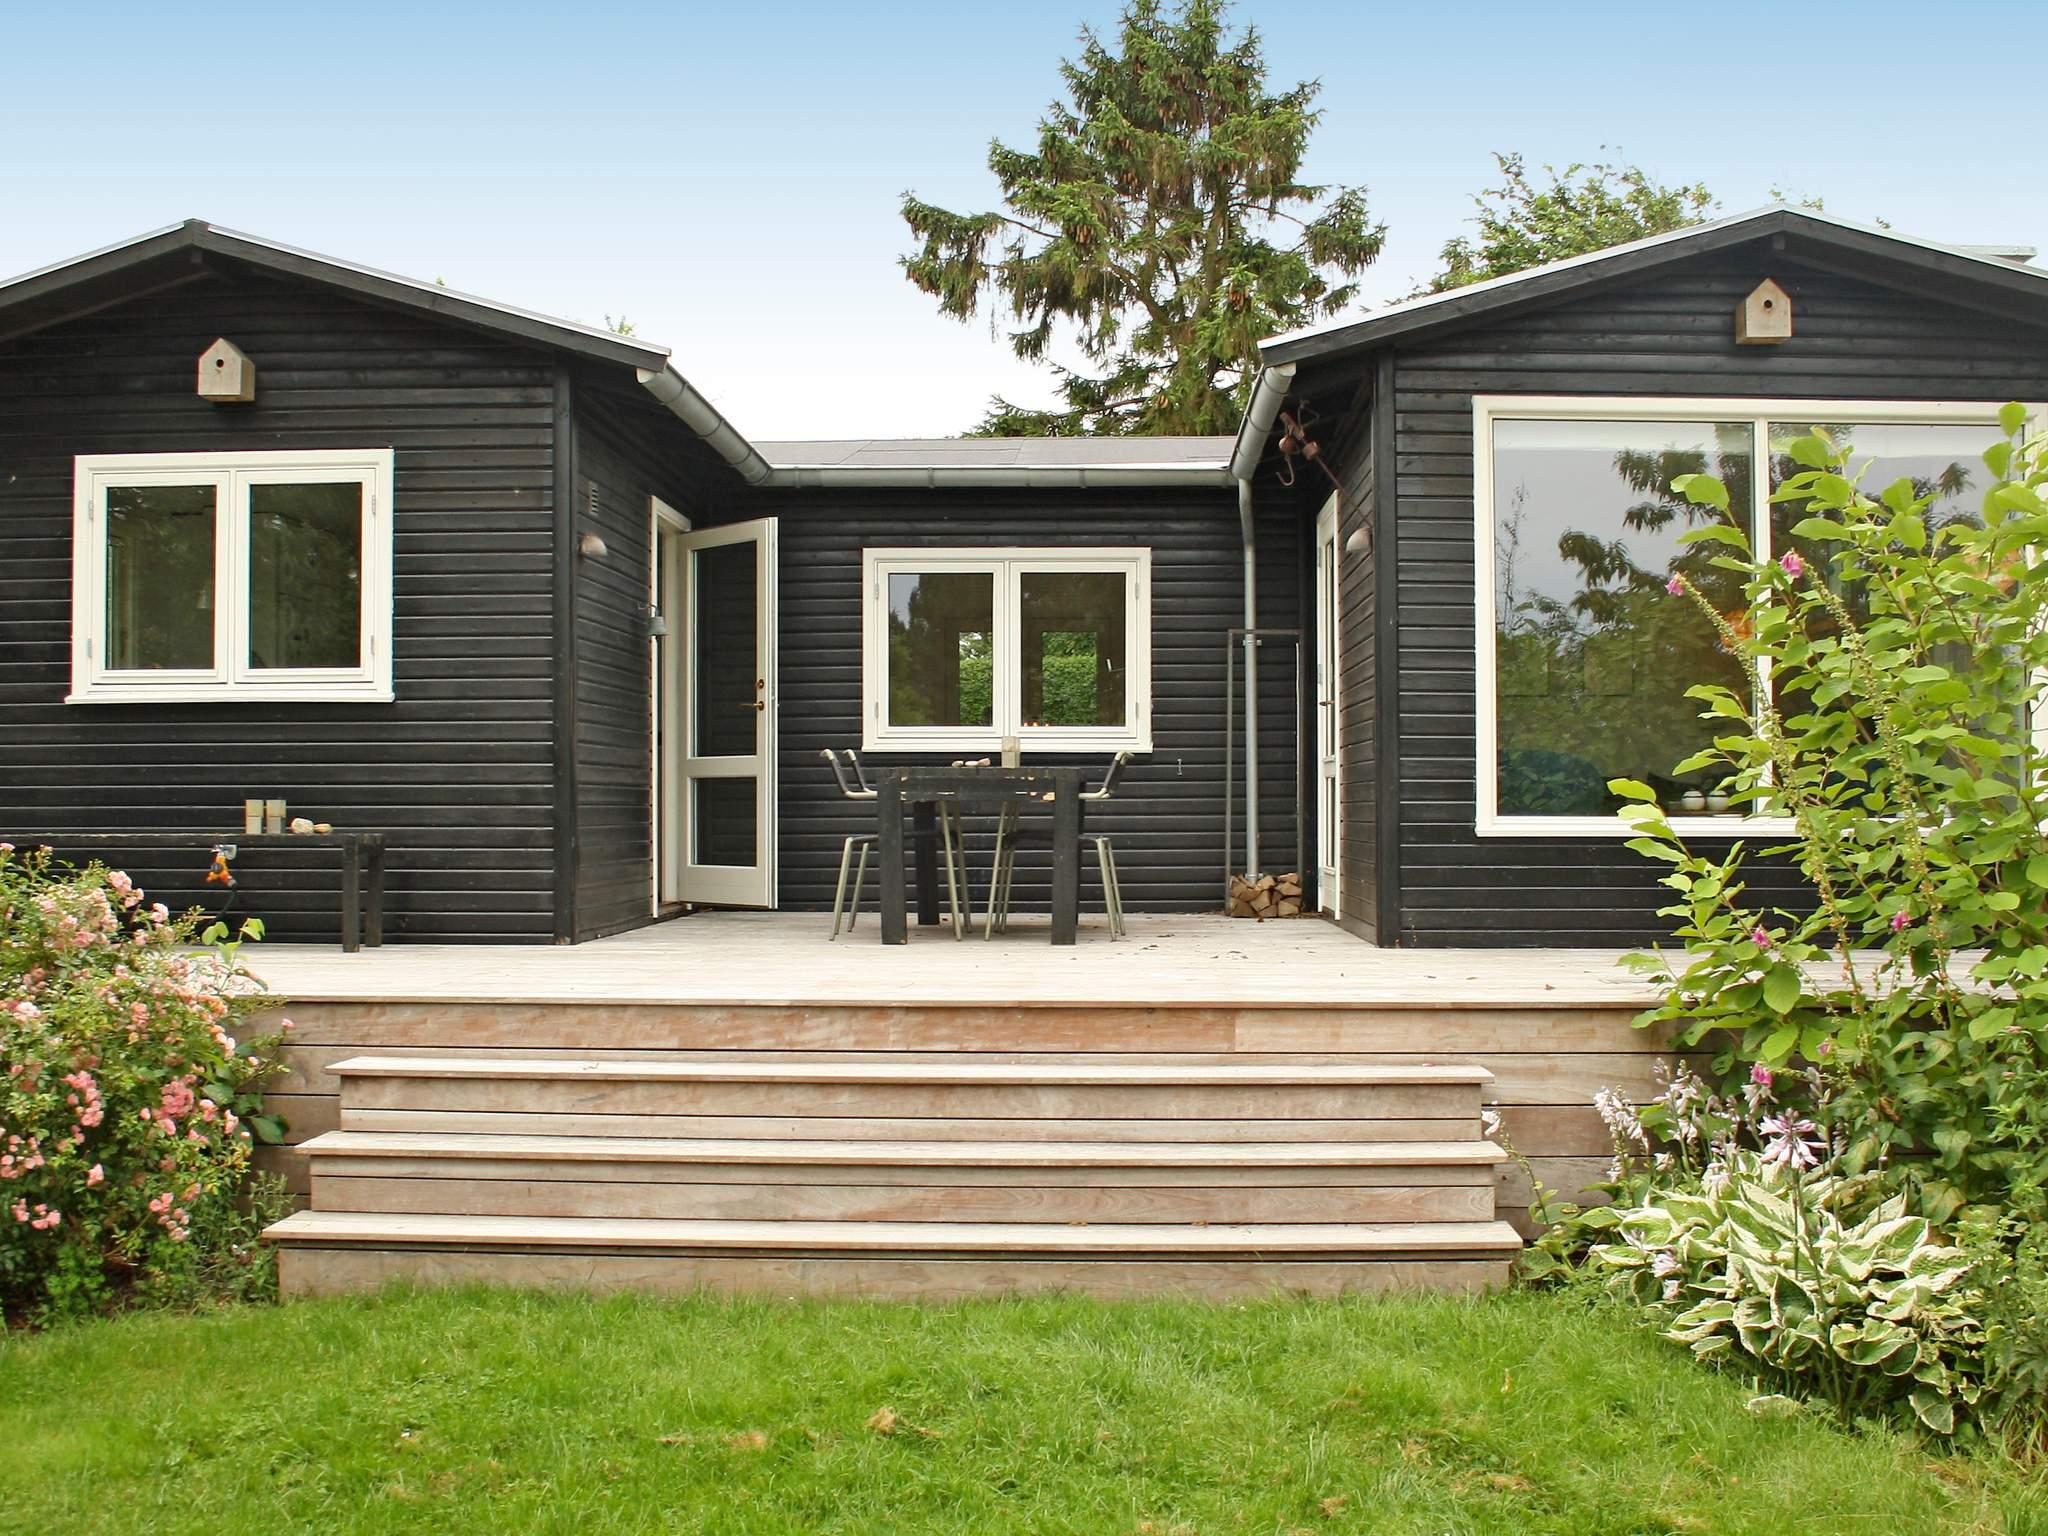 Ferienhaus Kulhuse (662167), Kulhuse, , Nordseeland, Dänemark, Bild 1